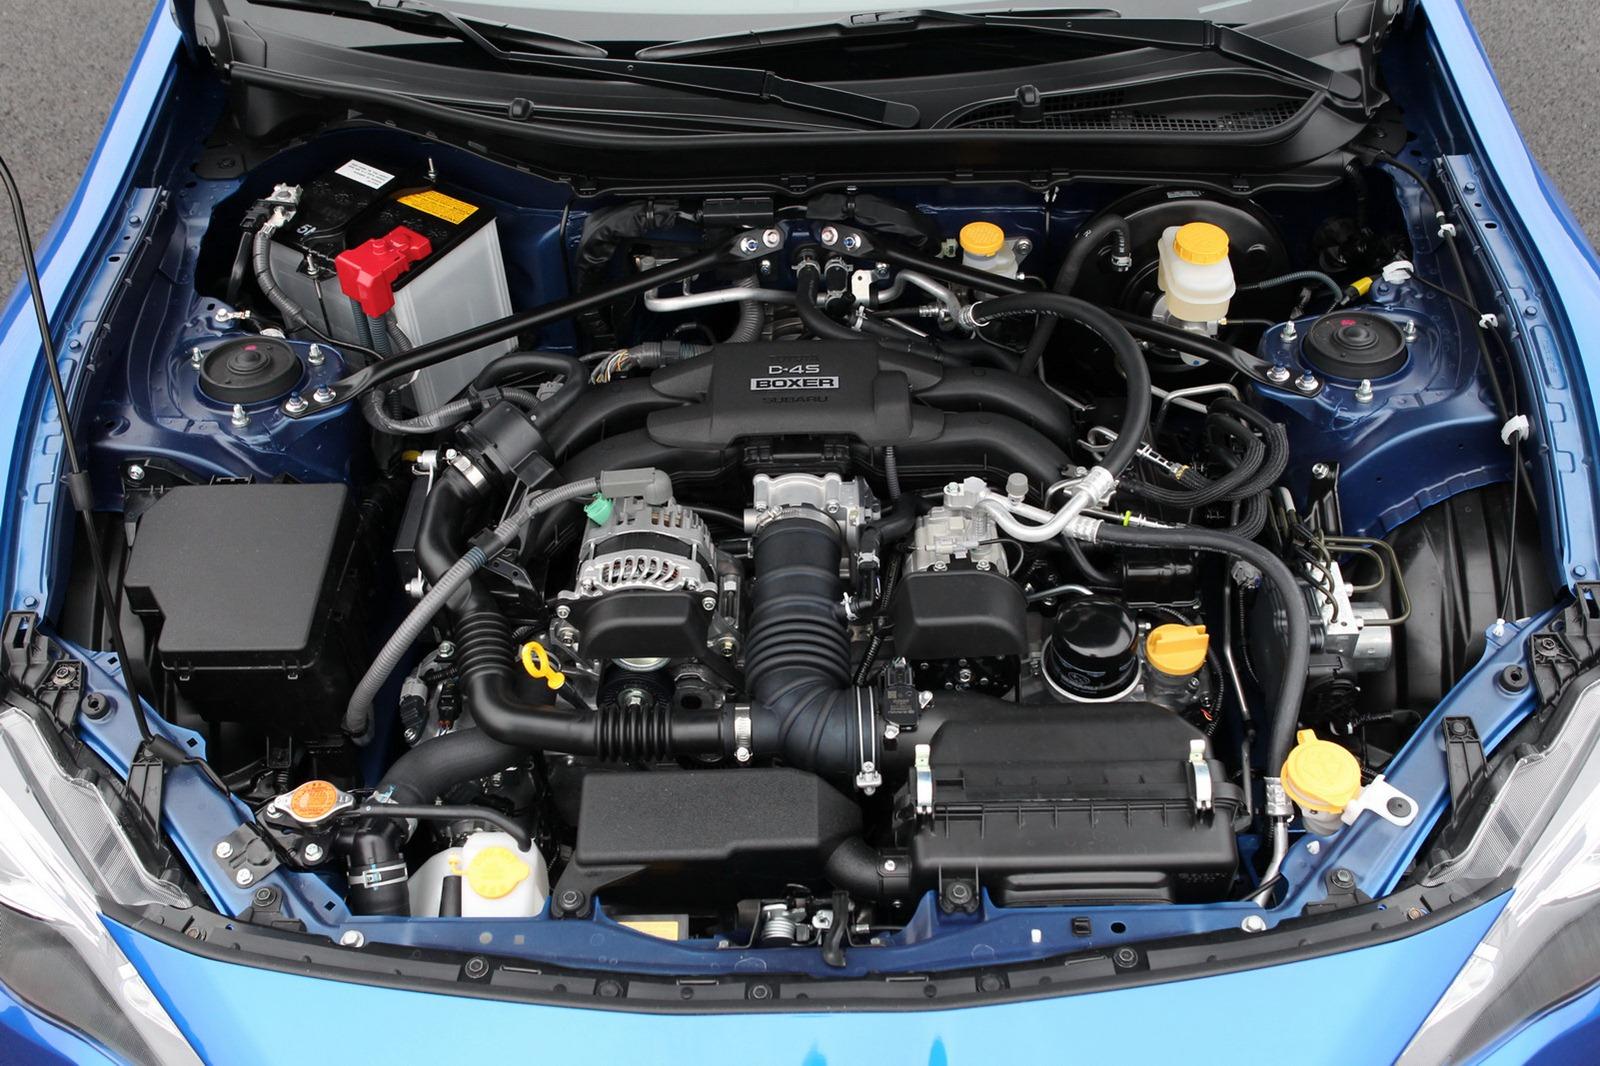 2013-Subaru-BRZ-Coupe-11.jpg?imgmax=1800